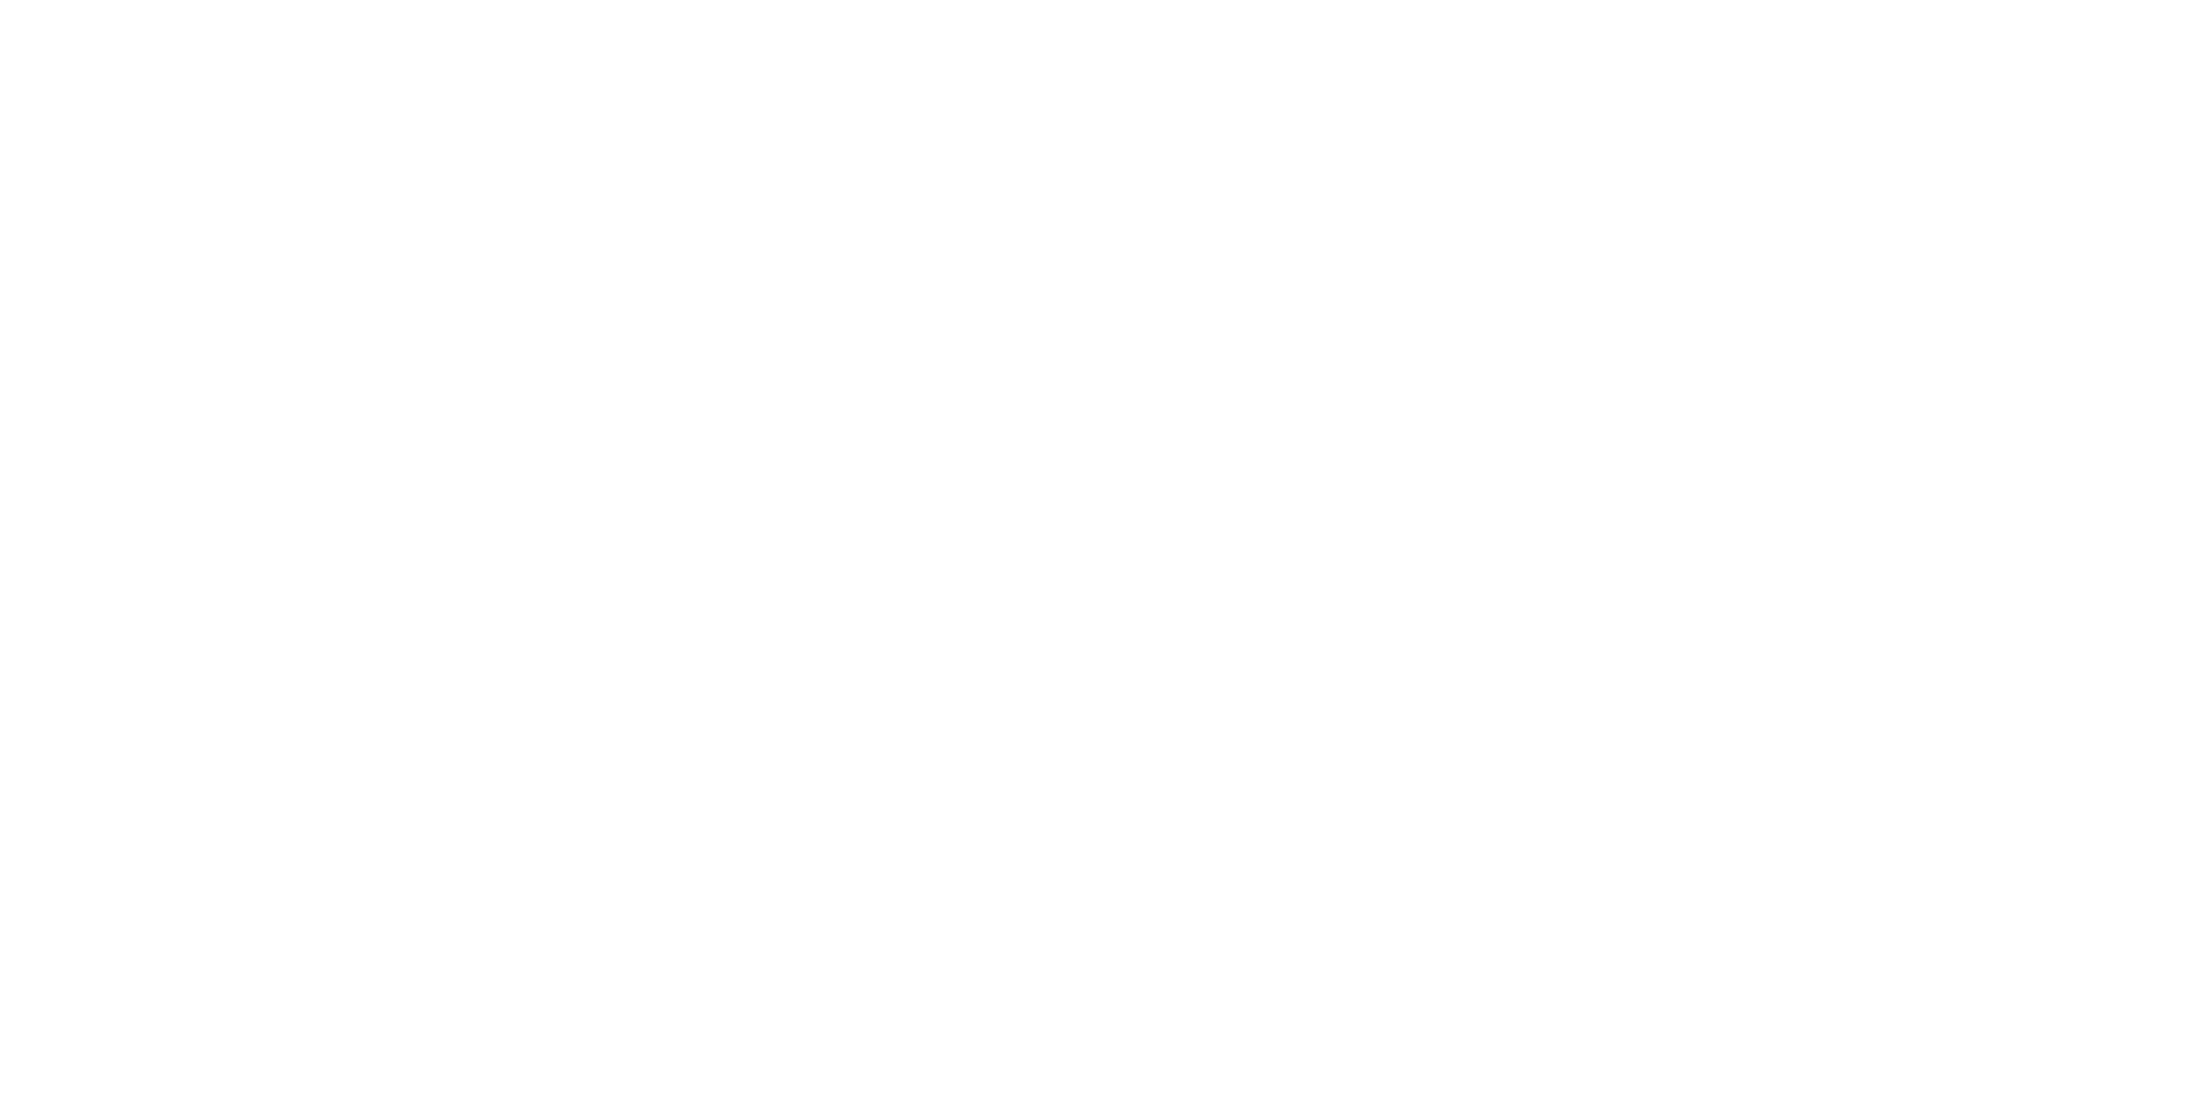 schermafbeelding-2019-05-20-om-14.51.07